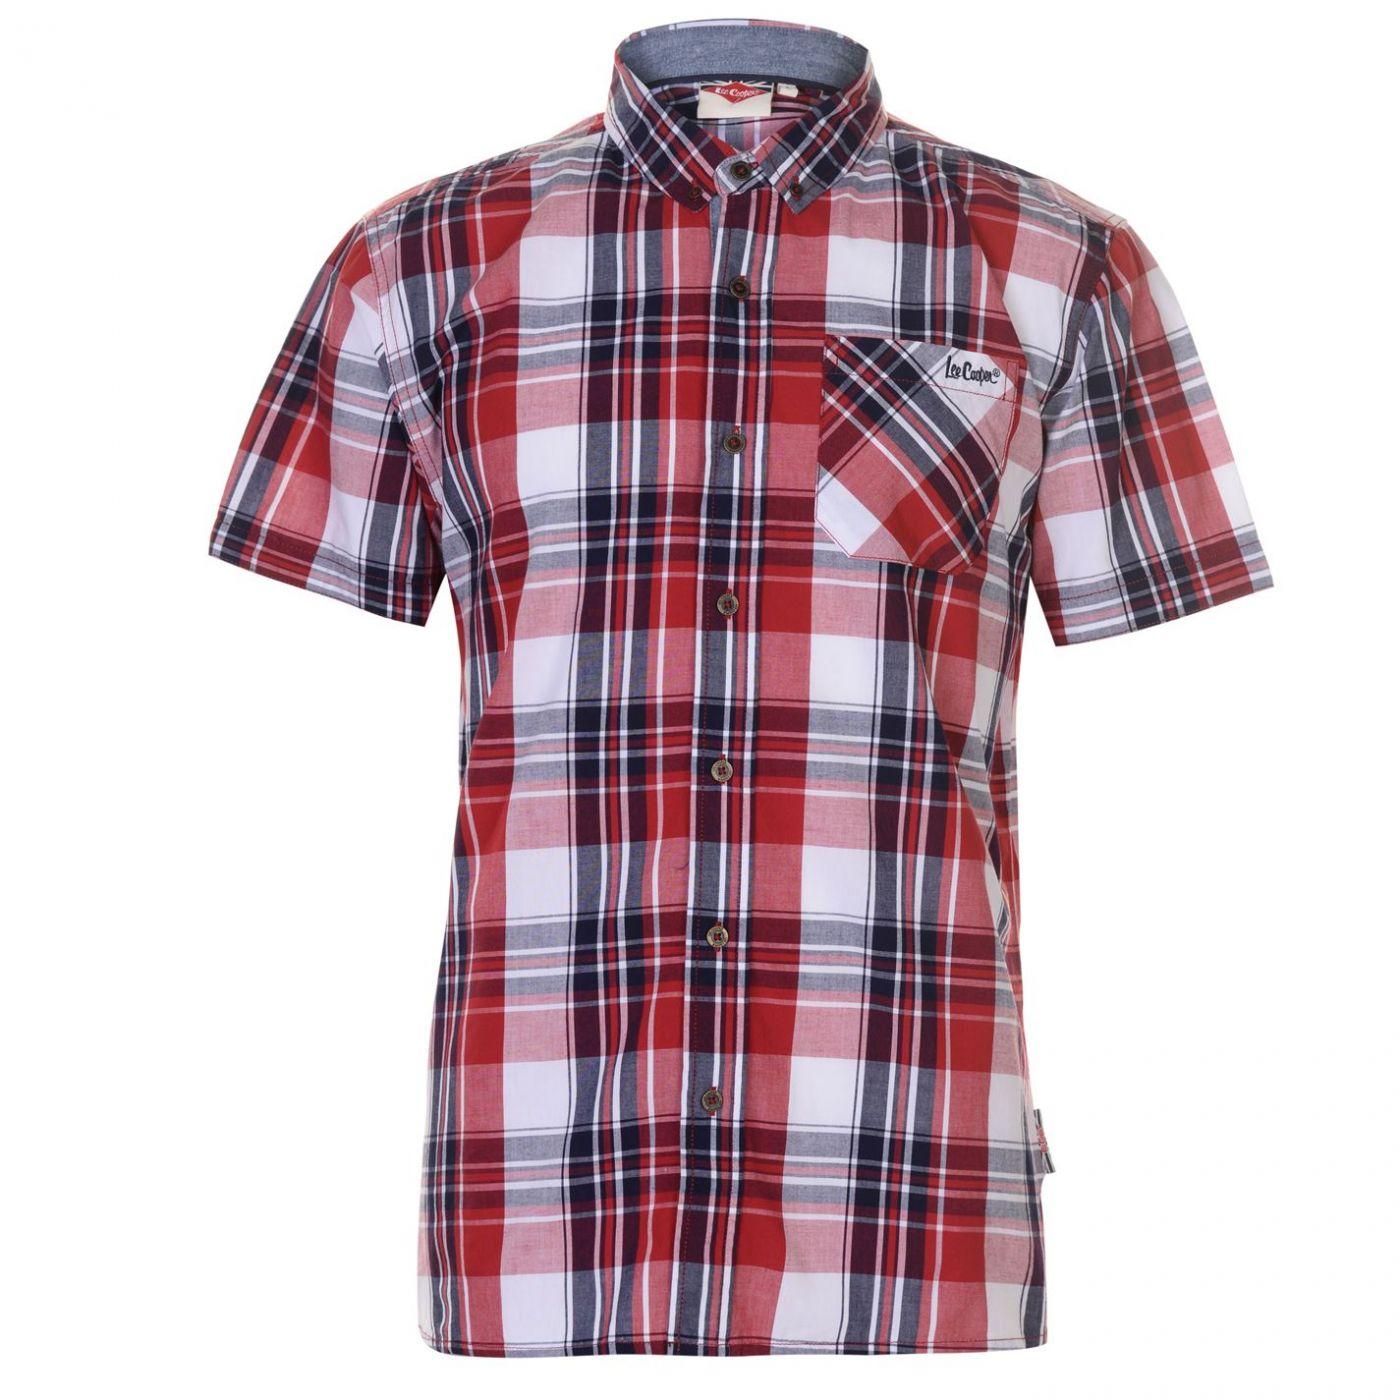 d3f7496d27701 pánská košile Lee Cooper Short Sleeve Check - FACTCOOL